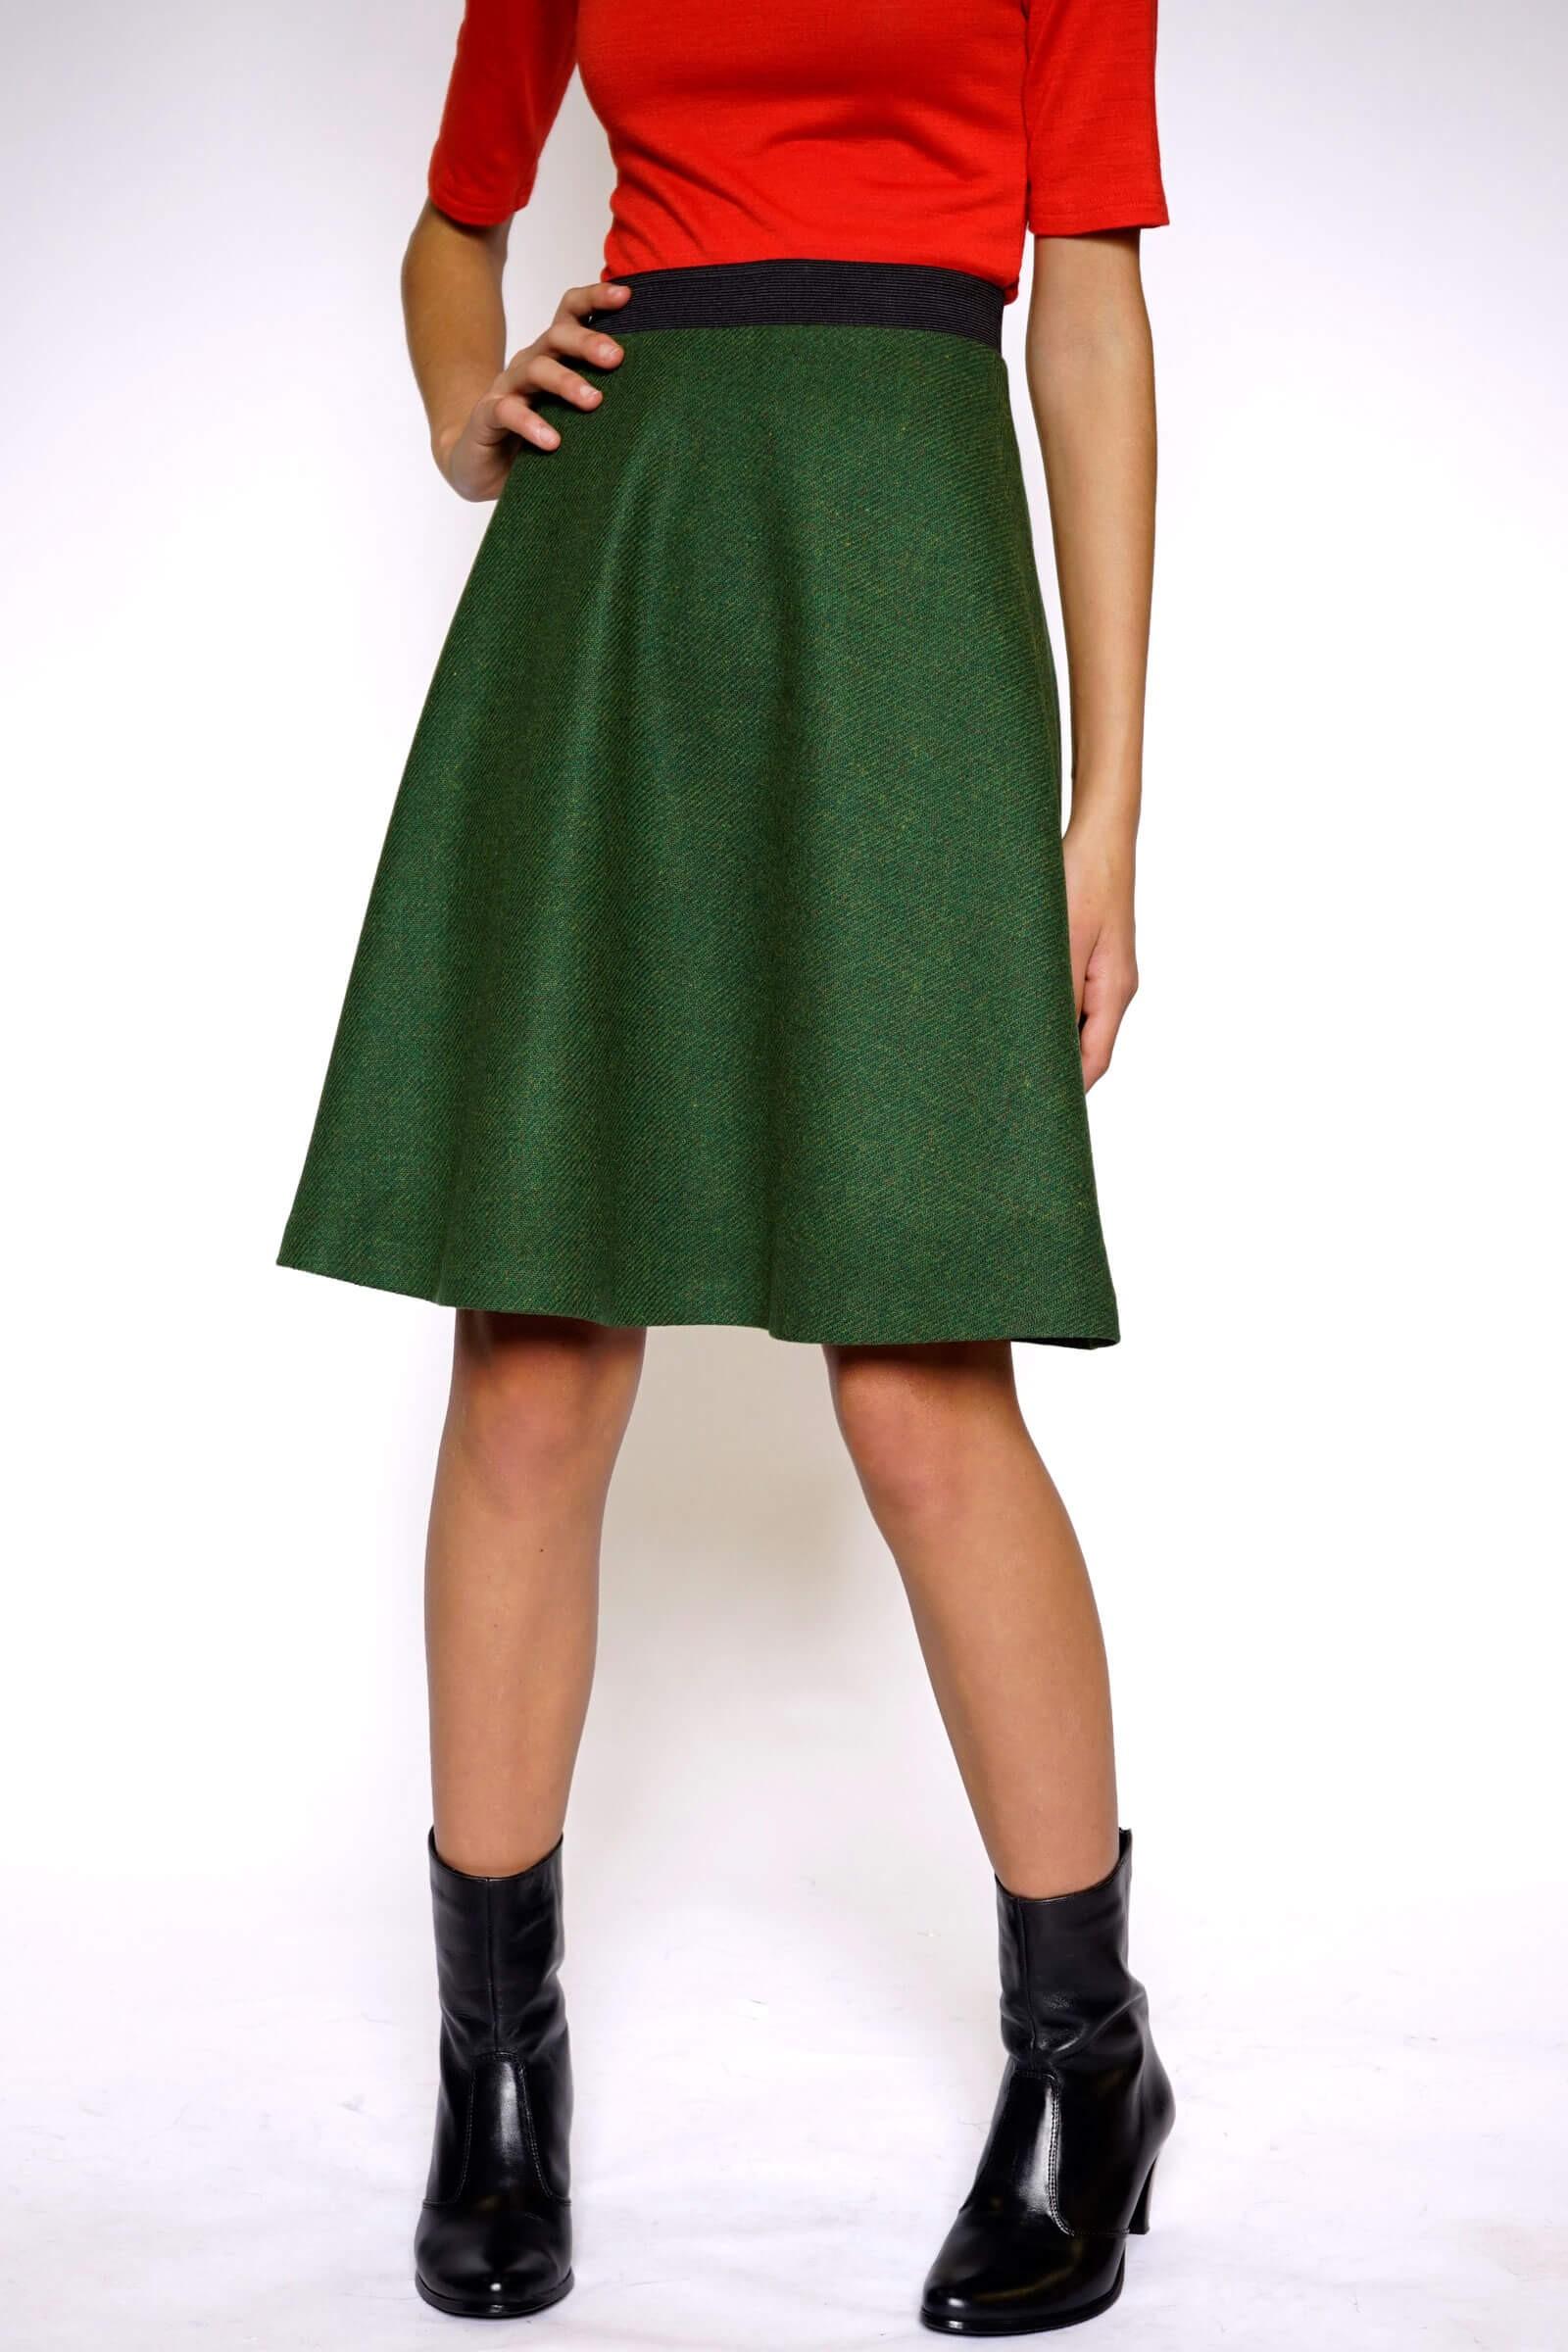 Flared green skirt